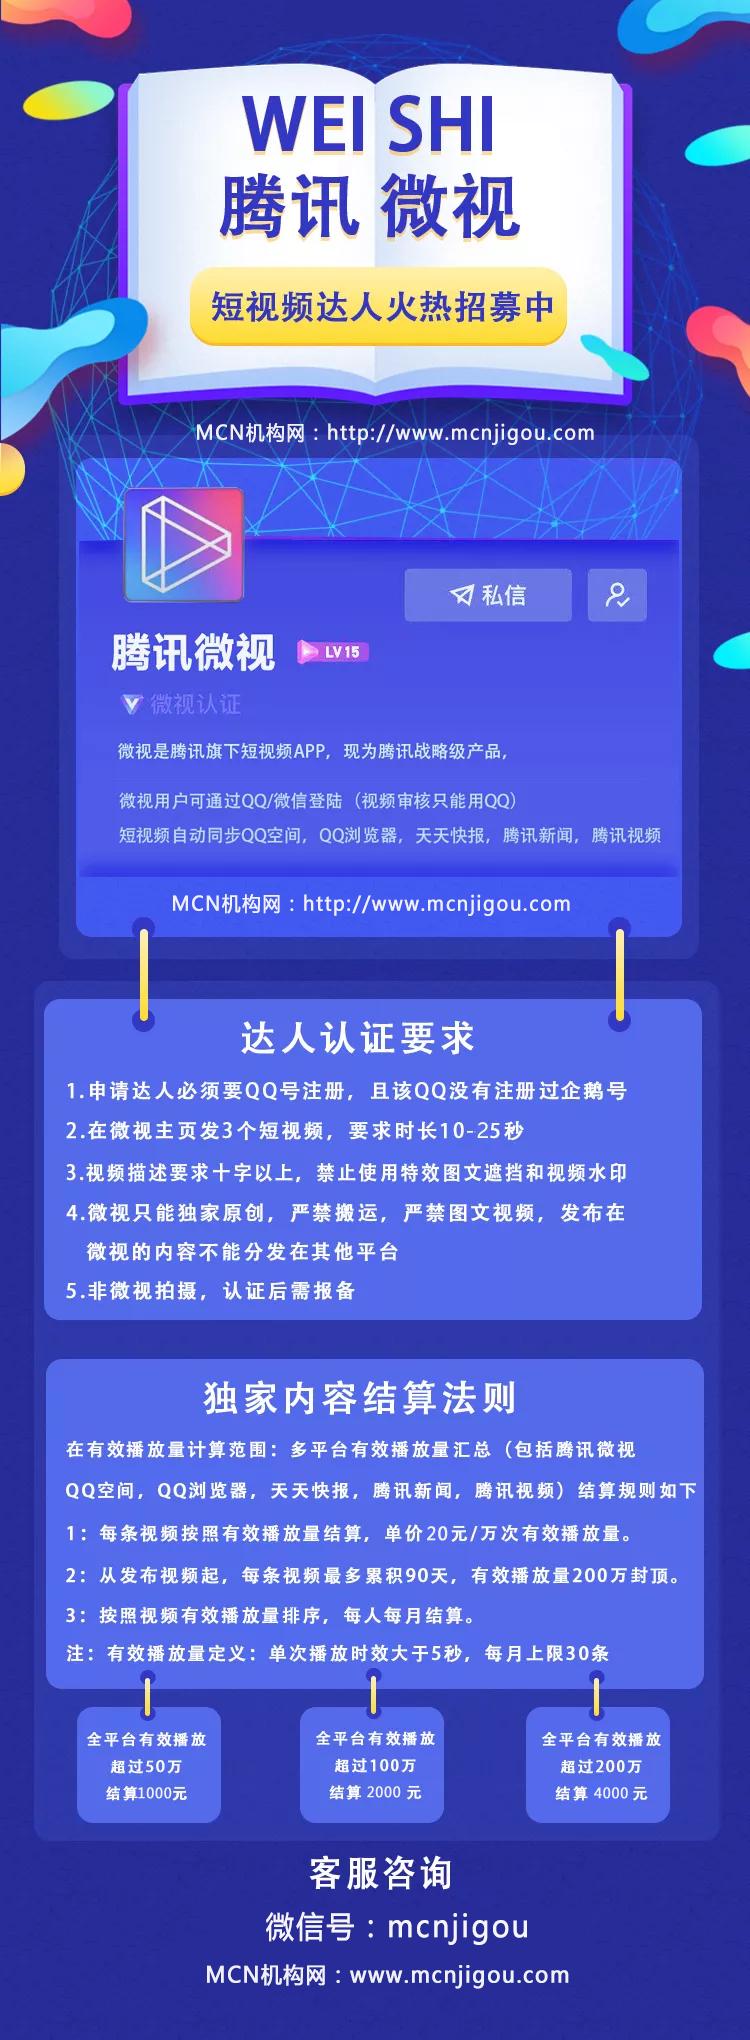 2019来腾讯做红人啦,<a href='http://mcnjigou.com/?tags=2'>微视</a>达人认证加V最新注意事项